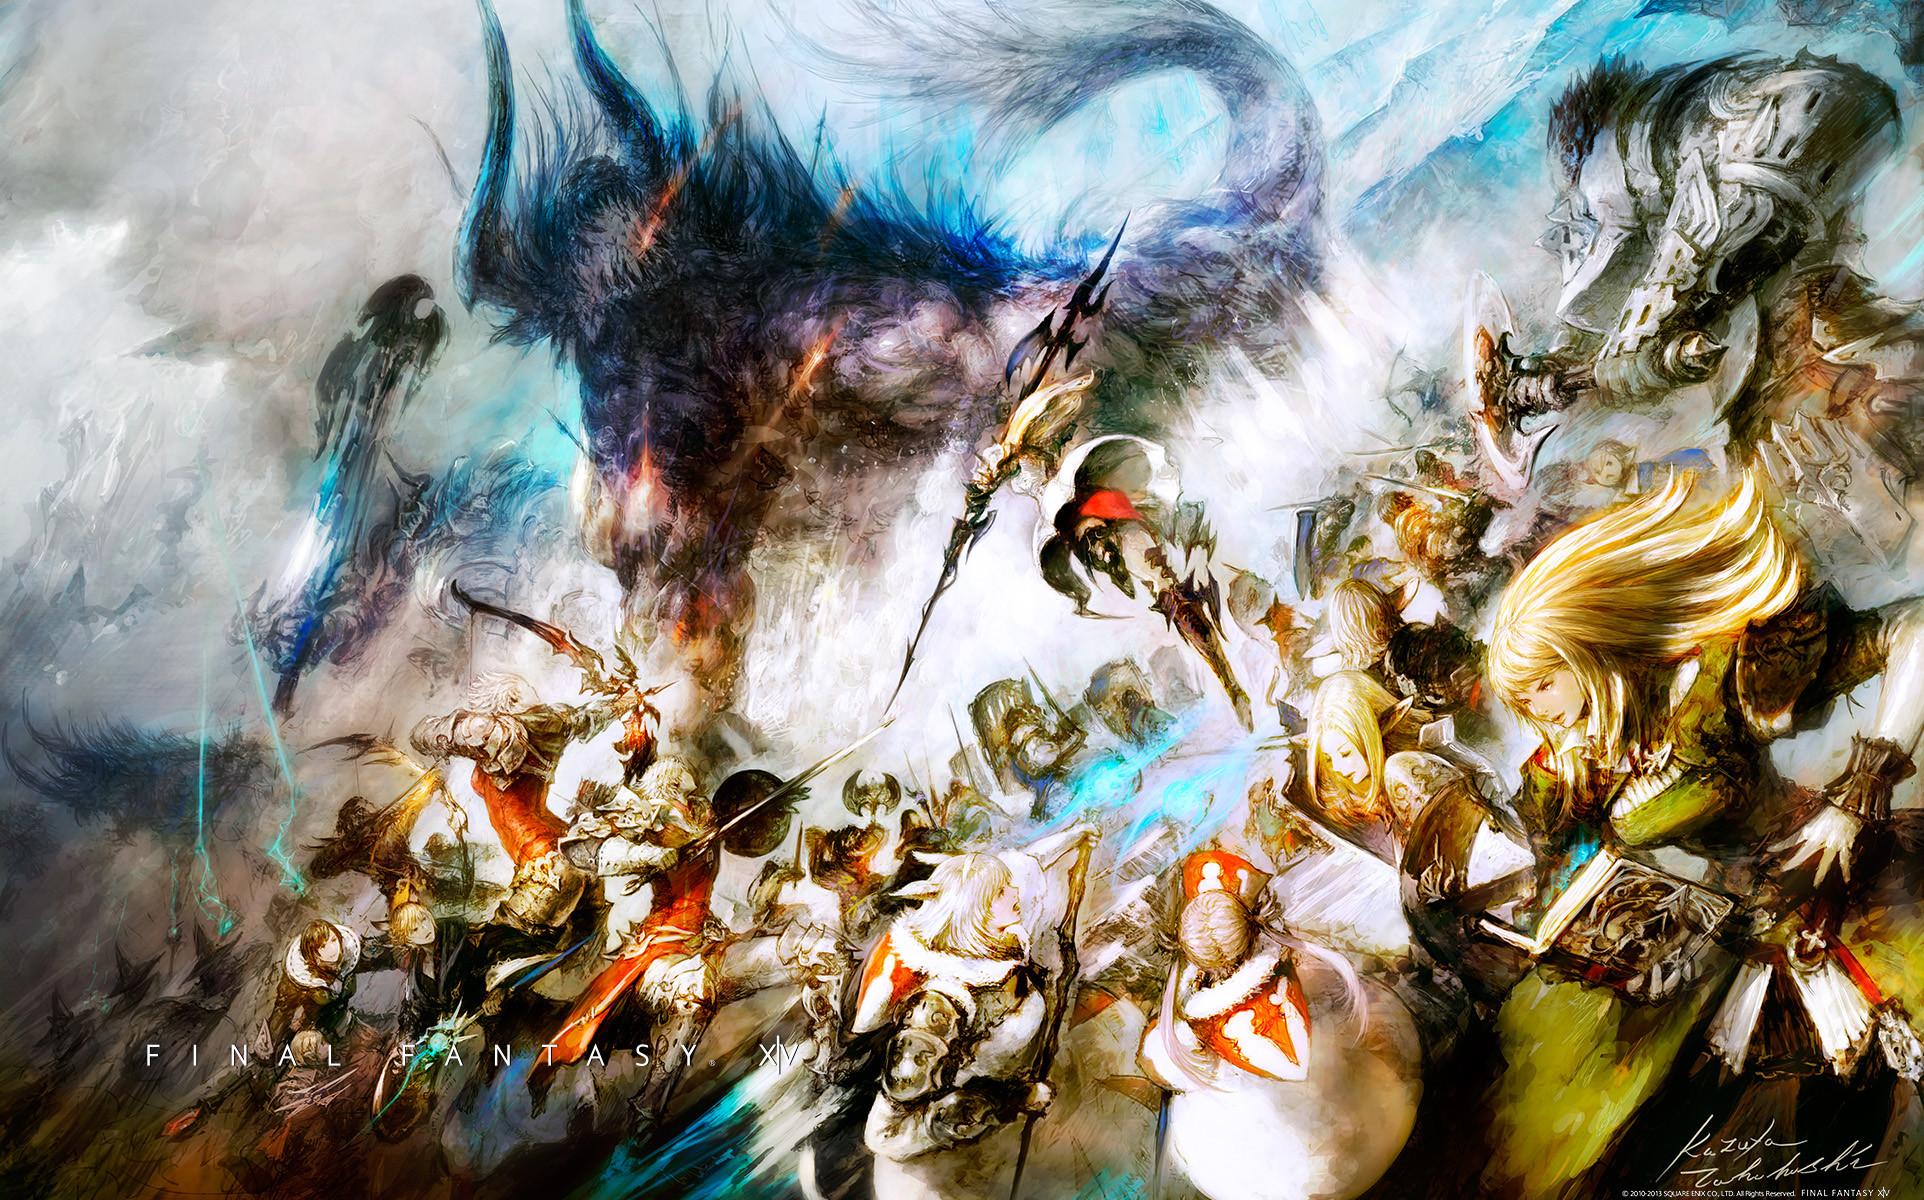 … Final Fantasy XV Wallpaper